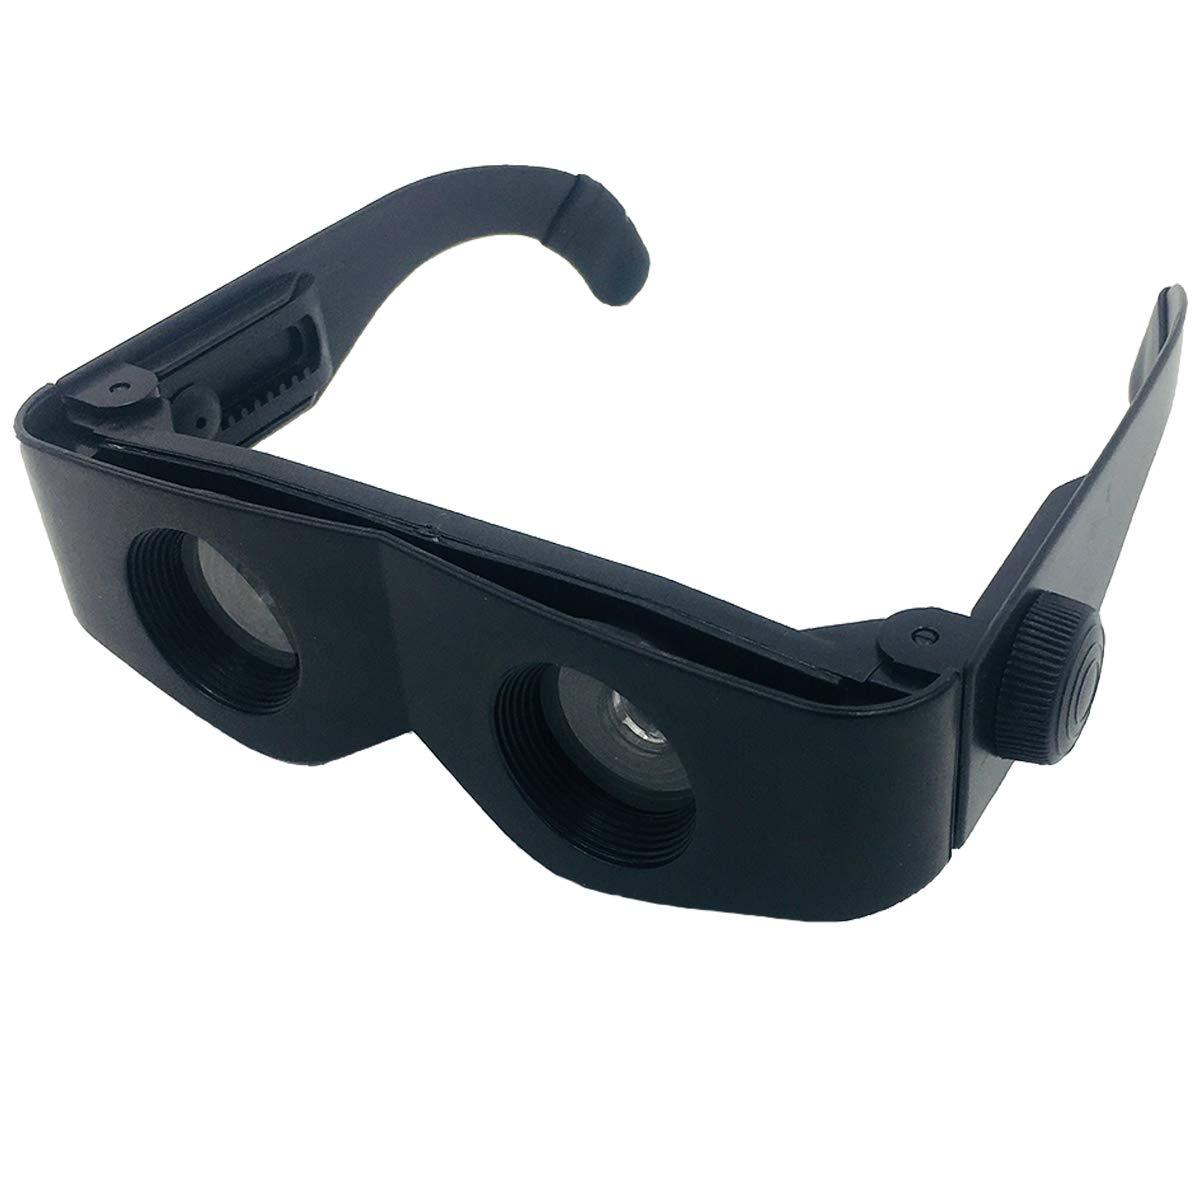 【返品交換不可】 Linkin スポーツフィッシング双眼鏡 プロ仕様 超軽量 超軽量 ハンズフリー双眼鏡 B07K31HPJZ 望遠鏡 プロ仕様 ブラック B07K31HPJZ, トヨナカチョウ:ee47da55 --- a0267596.xsph.ru